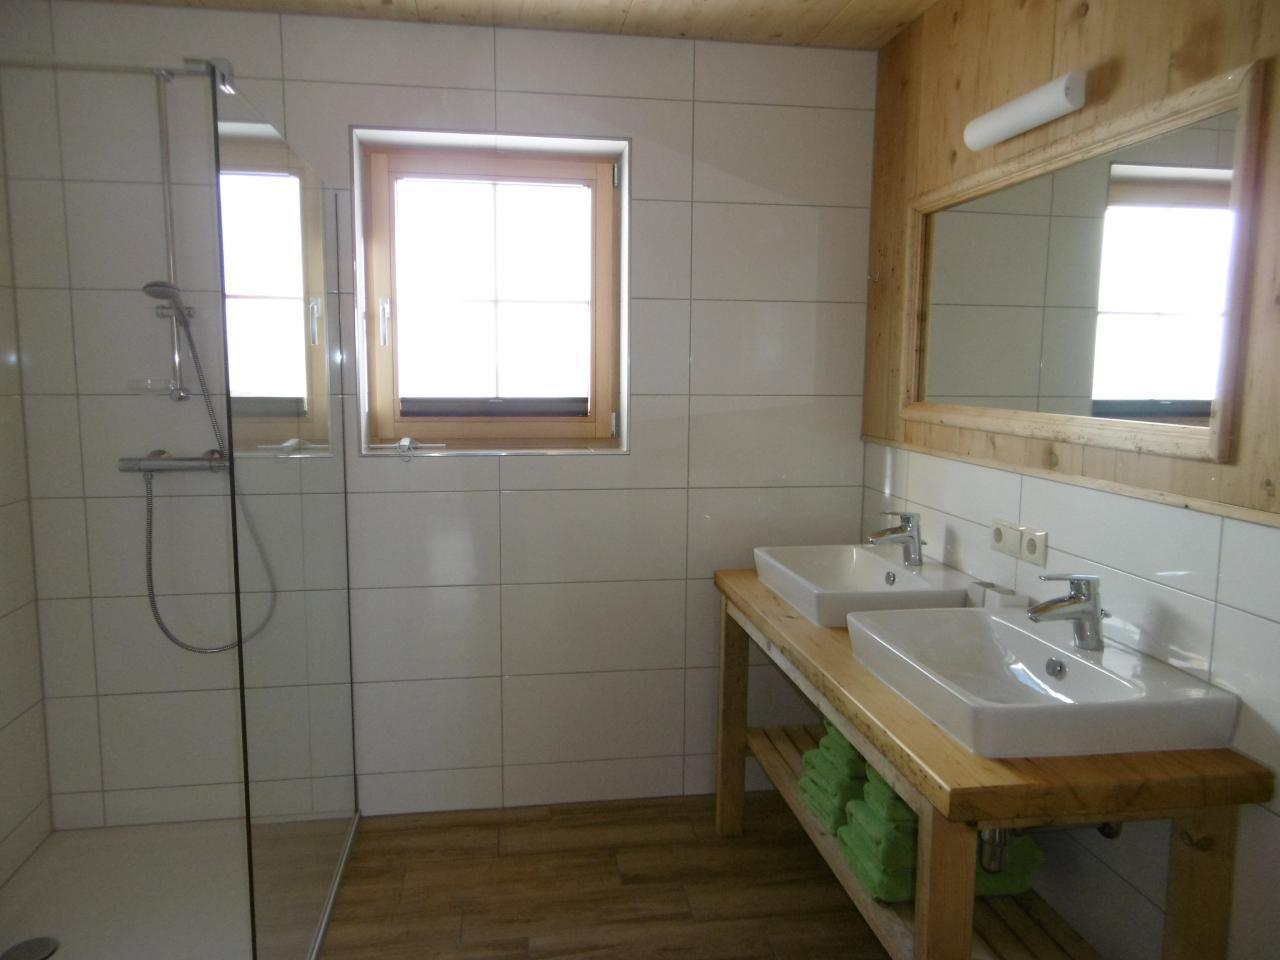 Ferienhaus Appartement 1 im Ferienhaus Neuberg Alm - Urlaub in der Montafoner Bergwelt mit Sauna mit  (2071726), Schruns, Montafon, Vorarlberg, Österreich, Bild 3